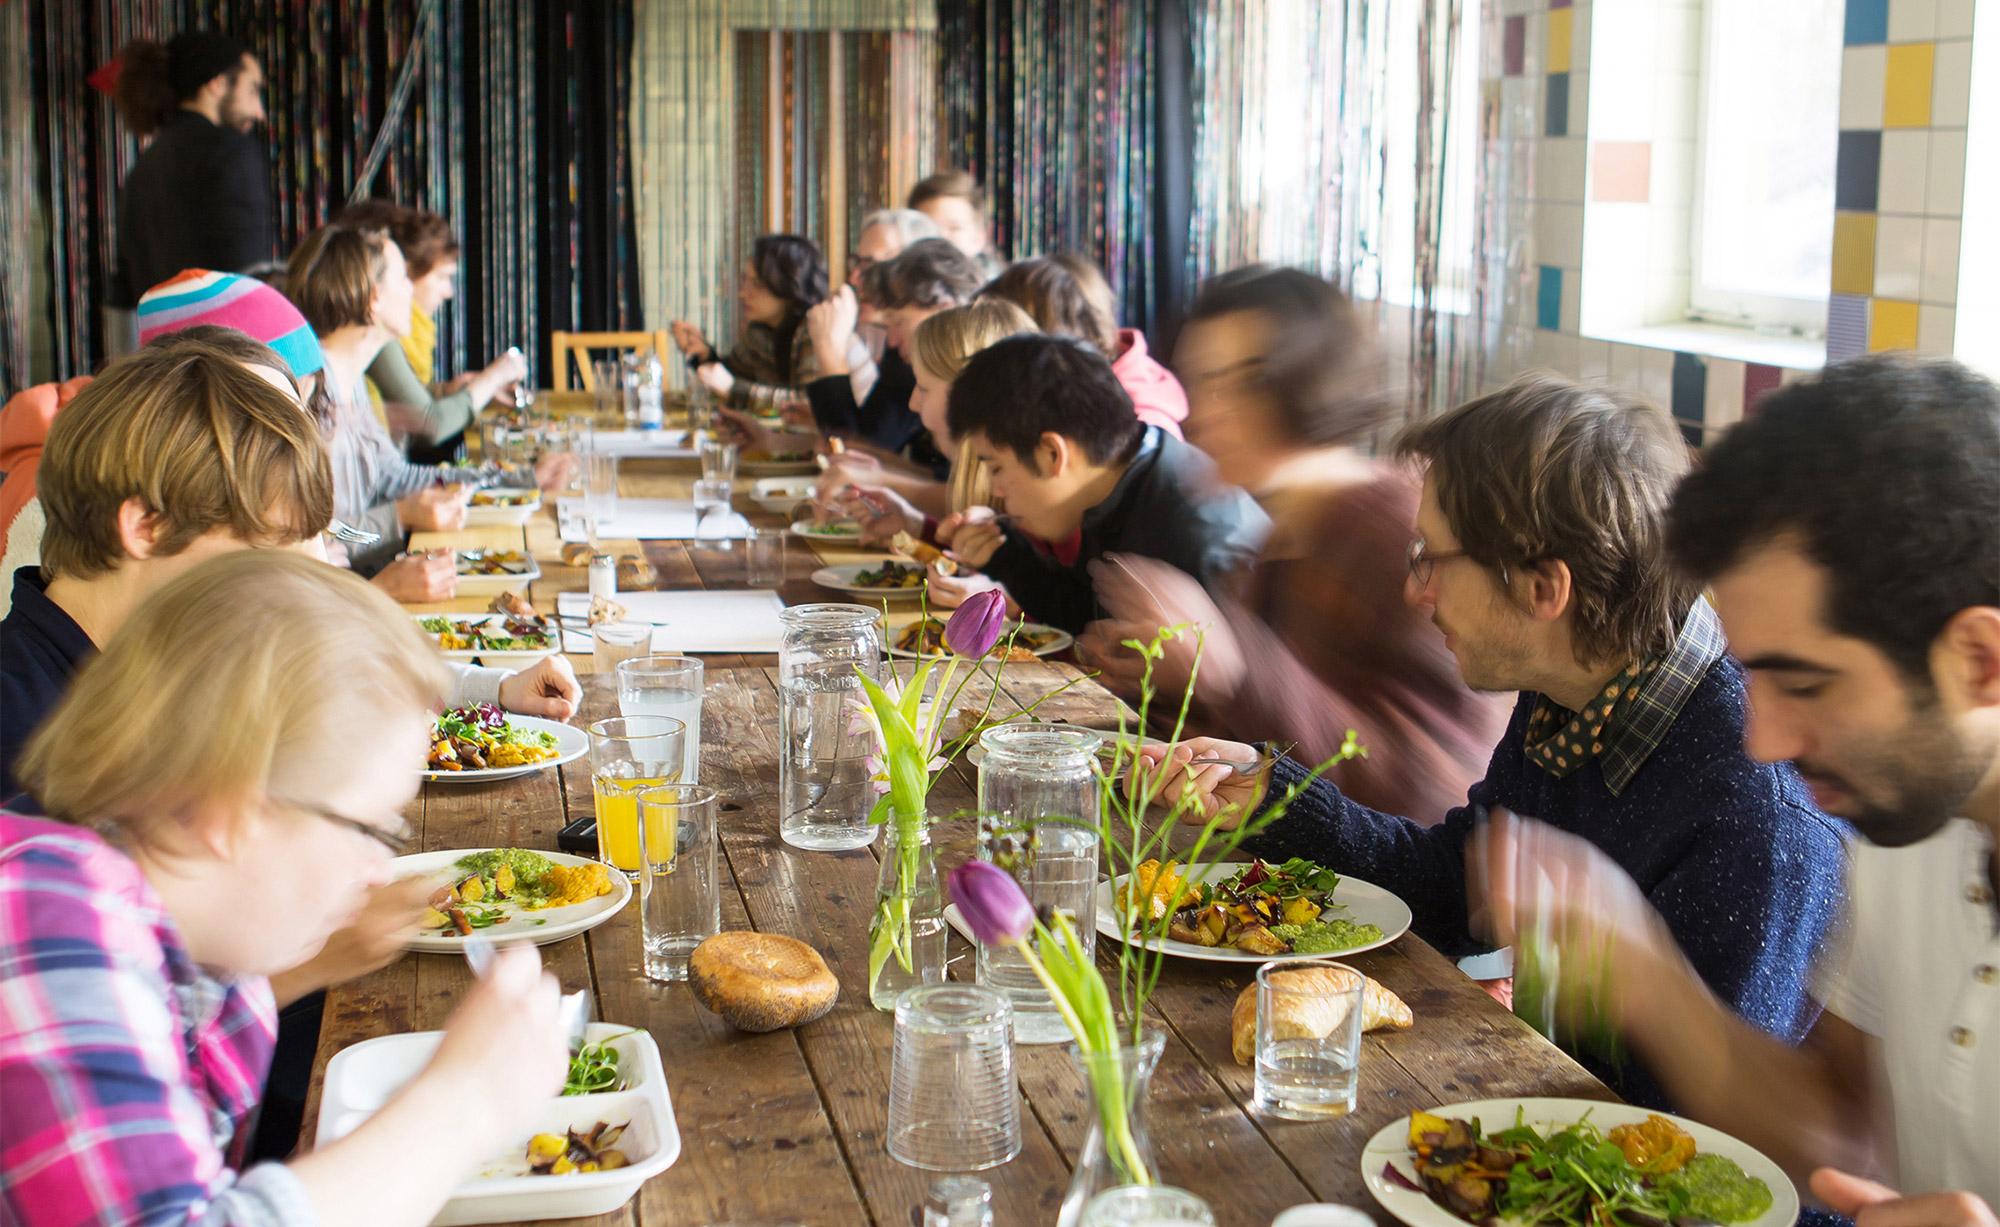 Unseren beliebten Mittagstisch mussten wir bis Weiteres absagen / Fotocredits: frabauke